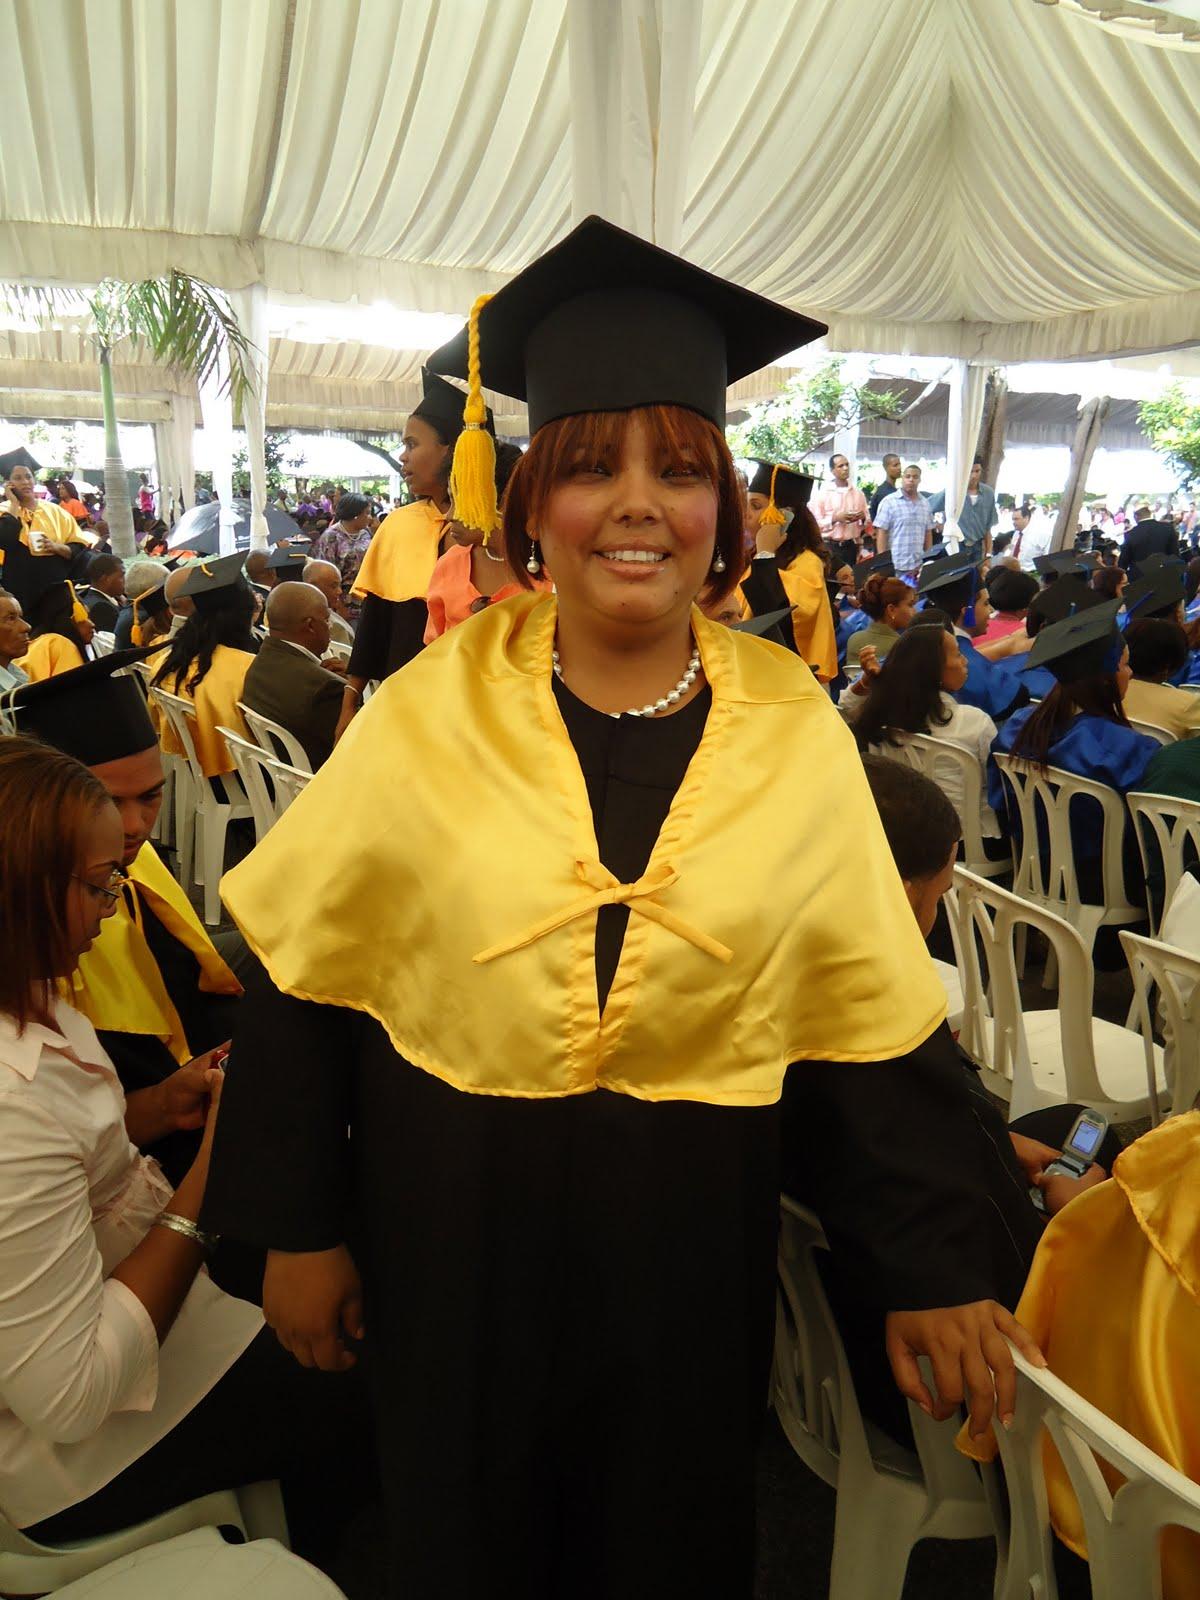 noticias de peralta: Graduacion Universitaria